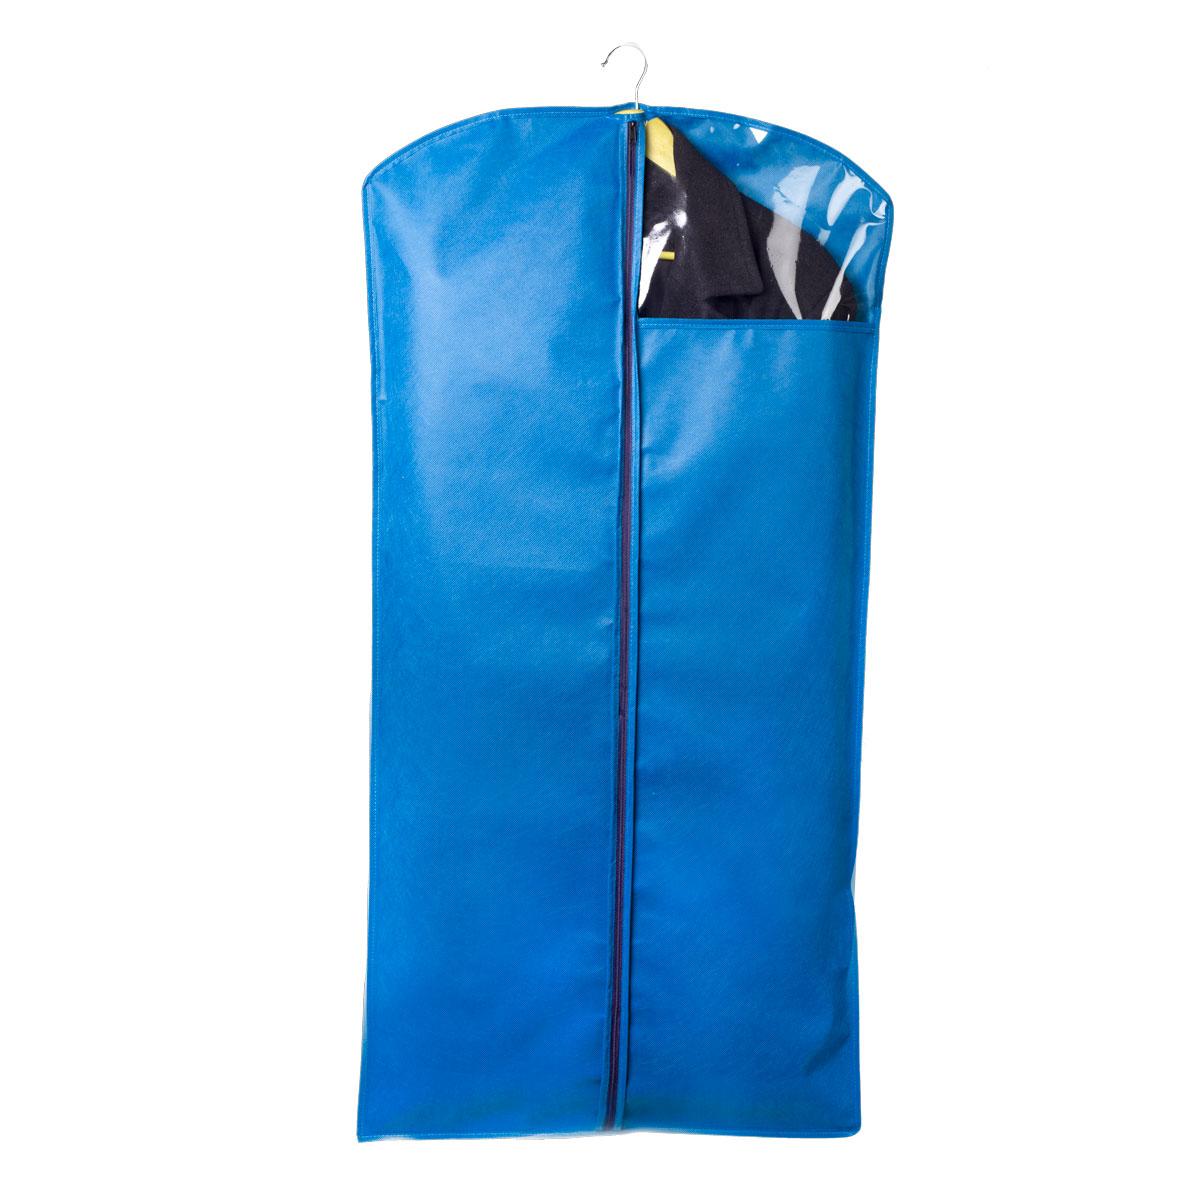 Чехол для одежды Miolla, цвет: синий, 120 х 60 смCHL-2-4Чехол для костюмов и платьев Miolla на застежке-молнии выполнен из высококачественного нетканого материала. Прозрачное полиэтиленовое окошко позволяет видеть содержимое чехла. Подходит для длительного хранения вещей.Чехол обеспечивает вашей одежде надежную защиту от влажности, повреждений и грязи при транспортировке, от запыления при хранении и проникновения моли. Чехол обладает водоотталкивающими свойствами, а также позволяет воздуху свободно поступать внутрь вещей, обеспечивая их кондиционирование. Размер чехла: 120 х 60 см.